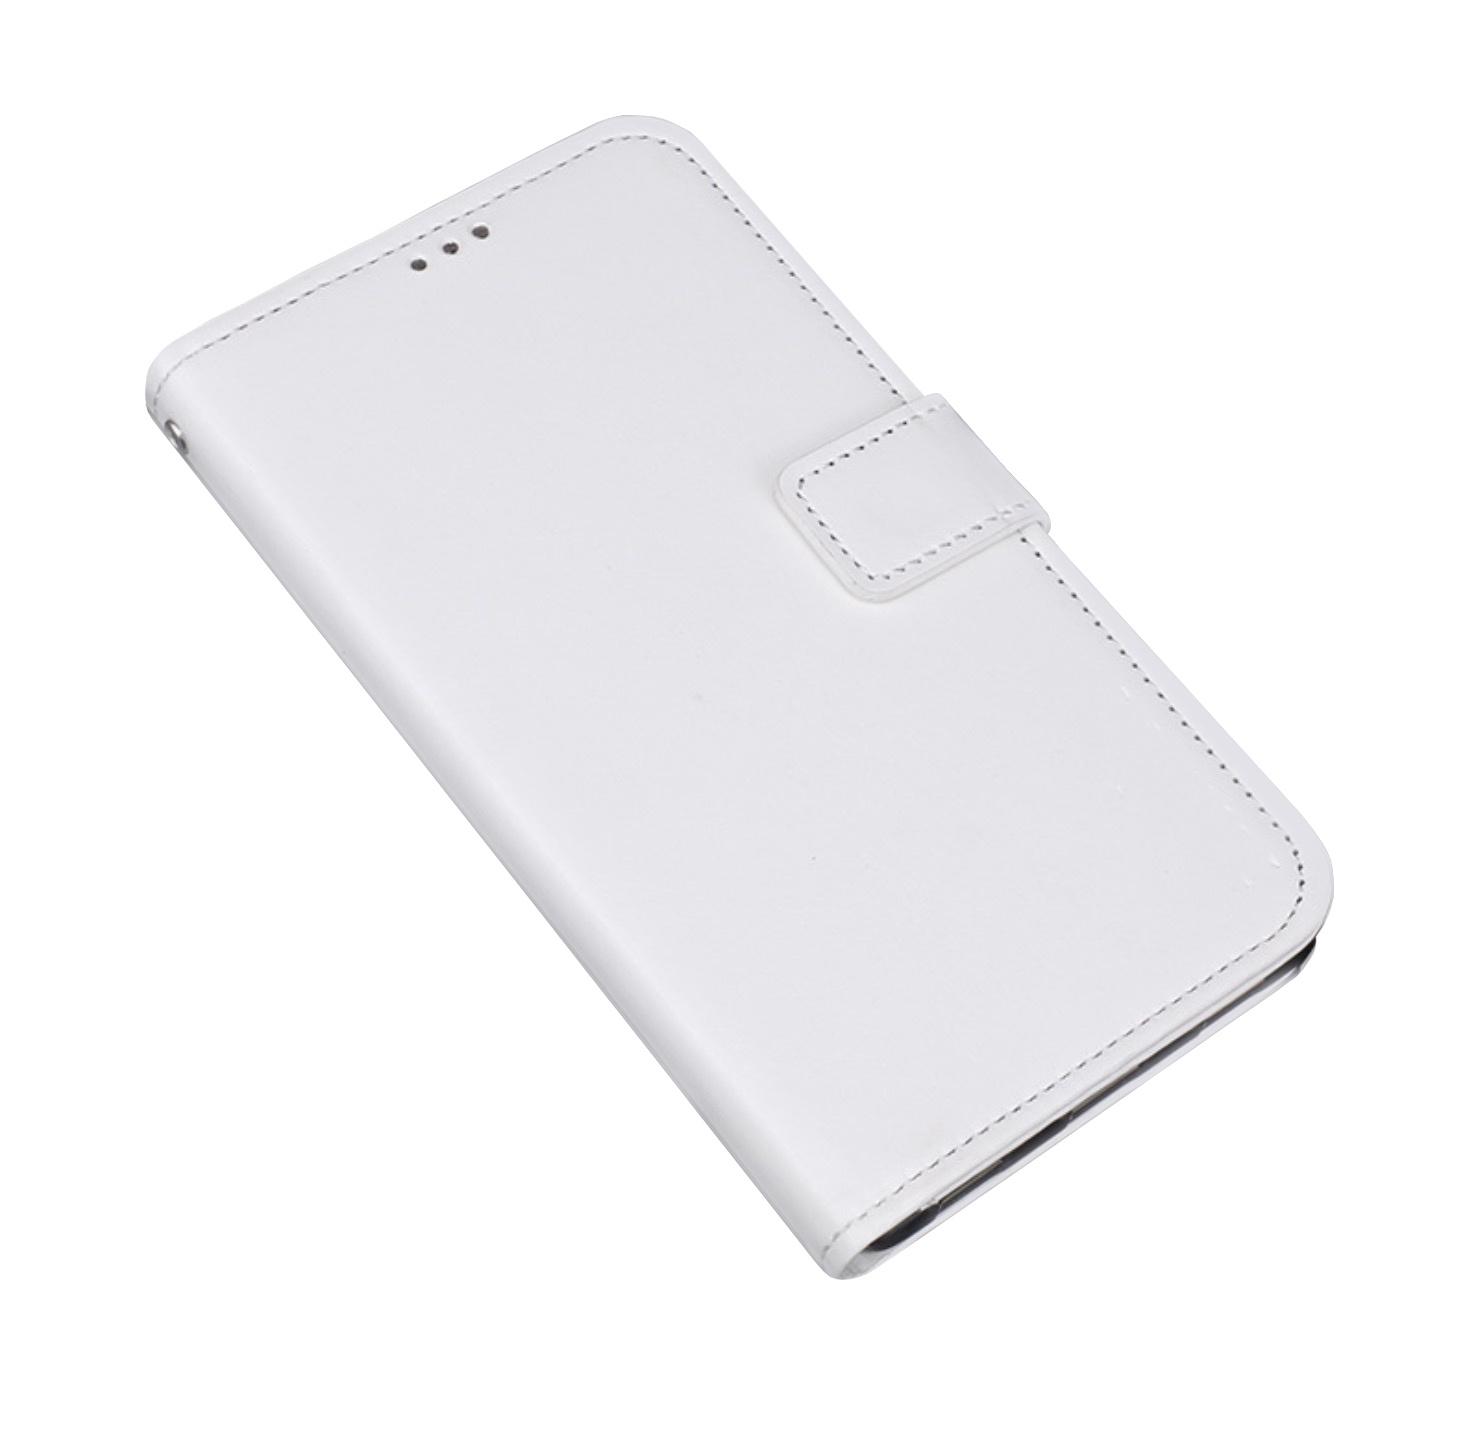 Чехол-книжка MyPads для Sony Xperia X / X Dual 5.0 (F5121 / F5122) с мульти-подставкой застёжкой и визитницей белый цена